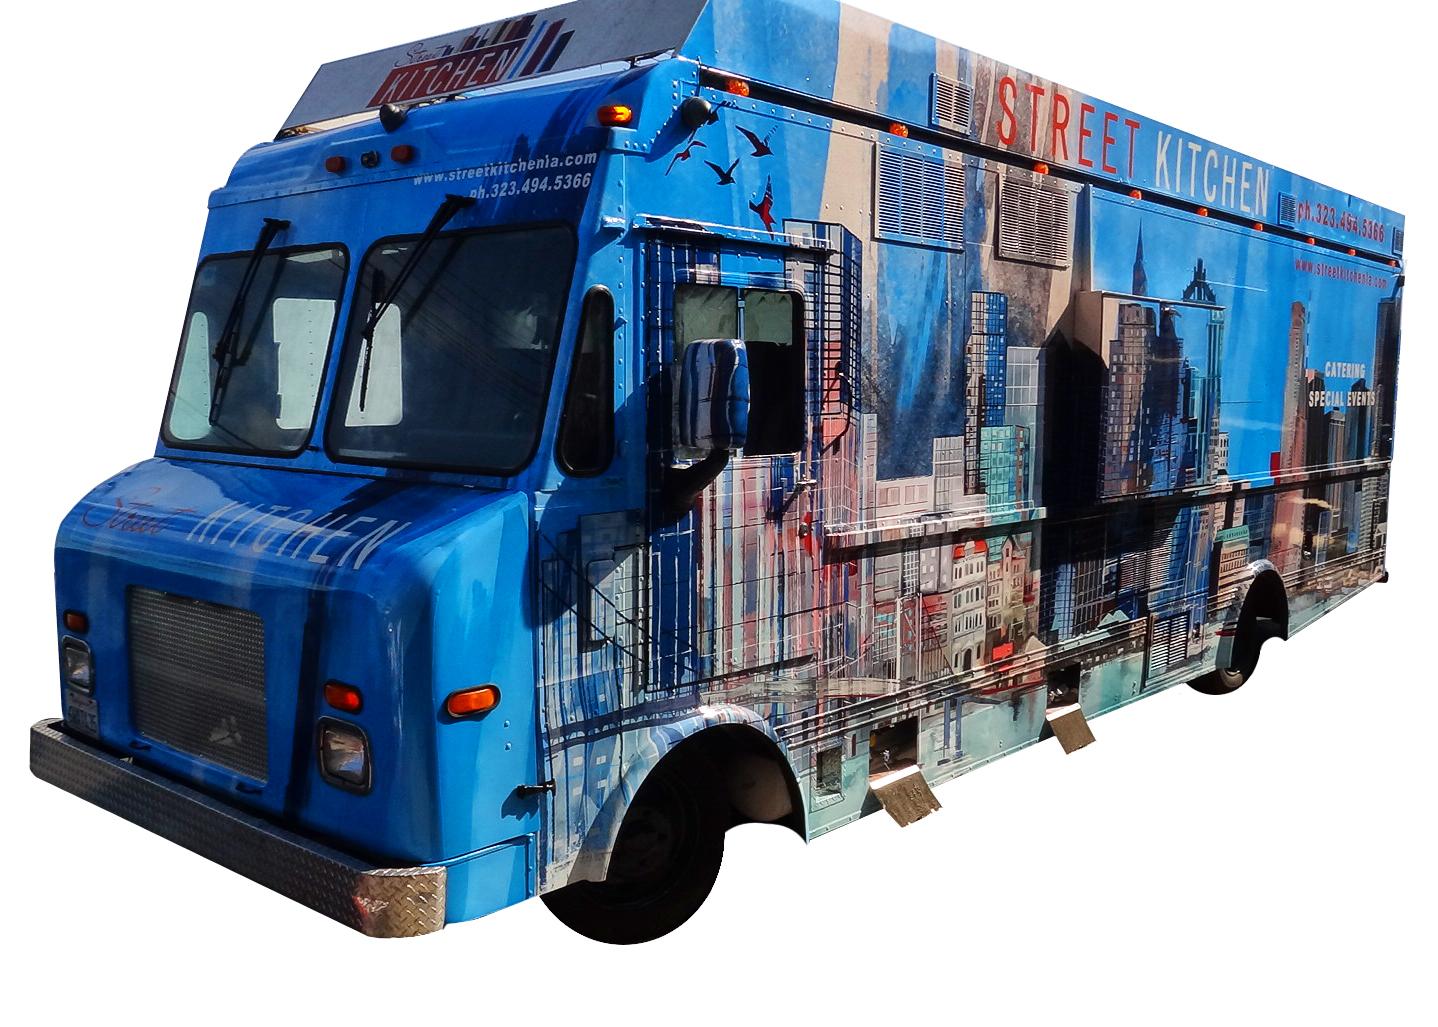 Street Kitchen 24 Food Truck Kareem Carts Commissary